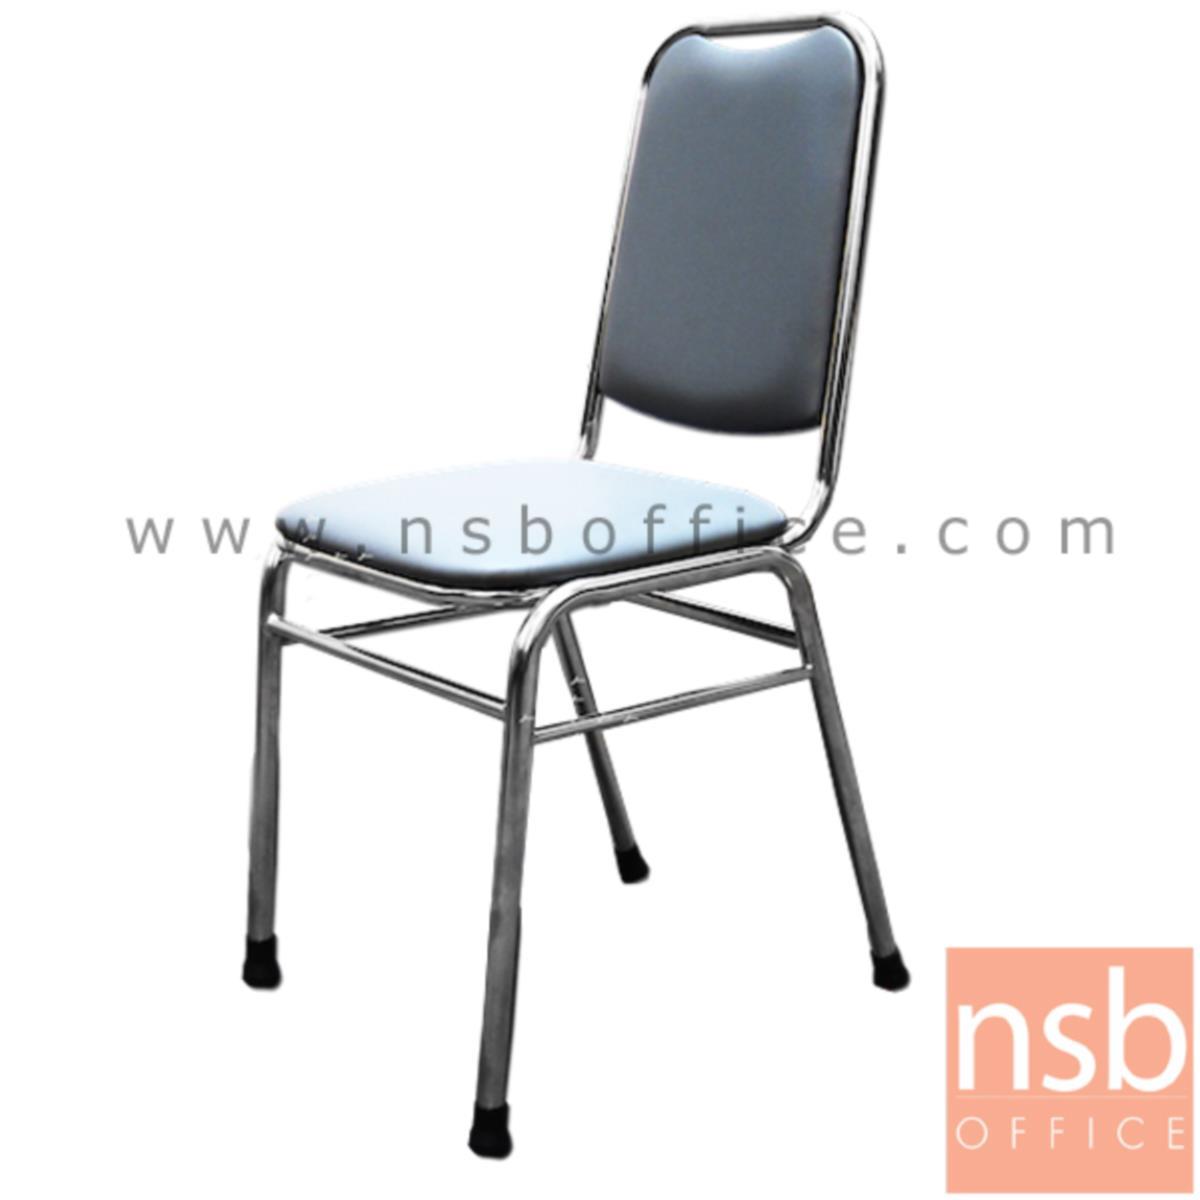 เก้าอี้อเนกประสงค์จัดเลี้ยง รุ่น KJ-371  ขาสเตนเลส